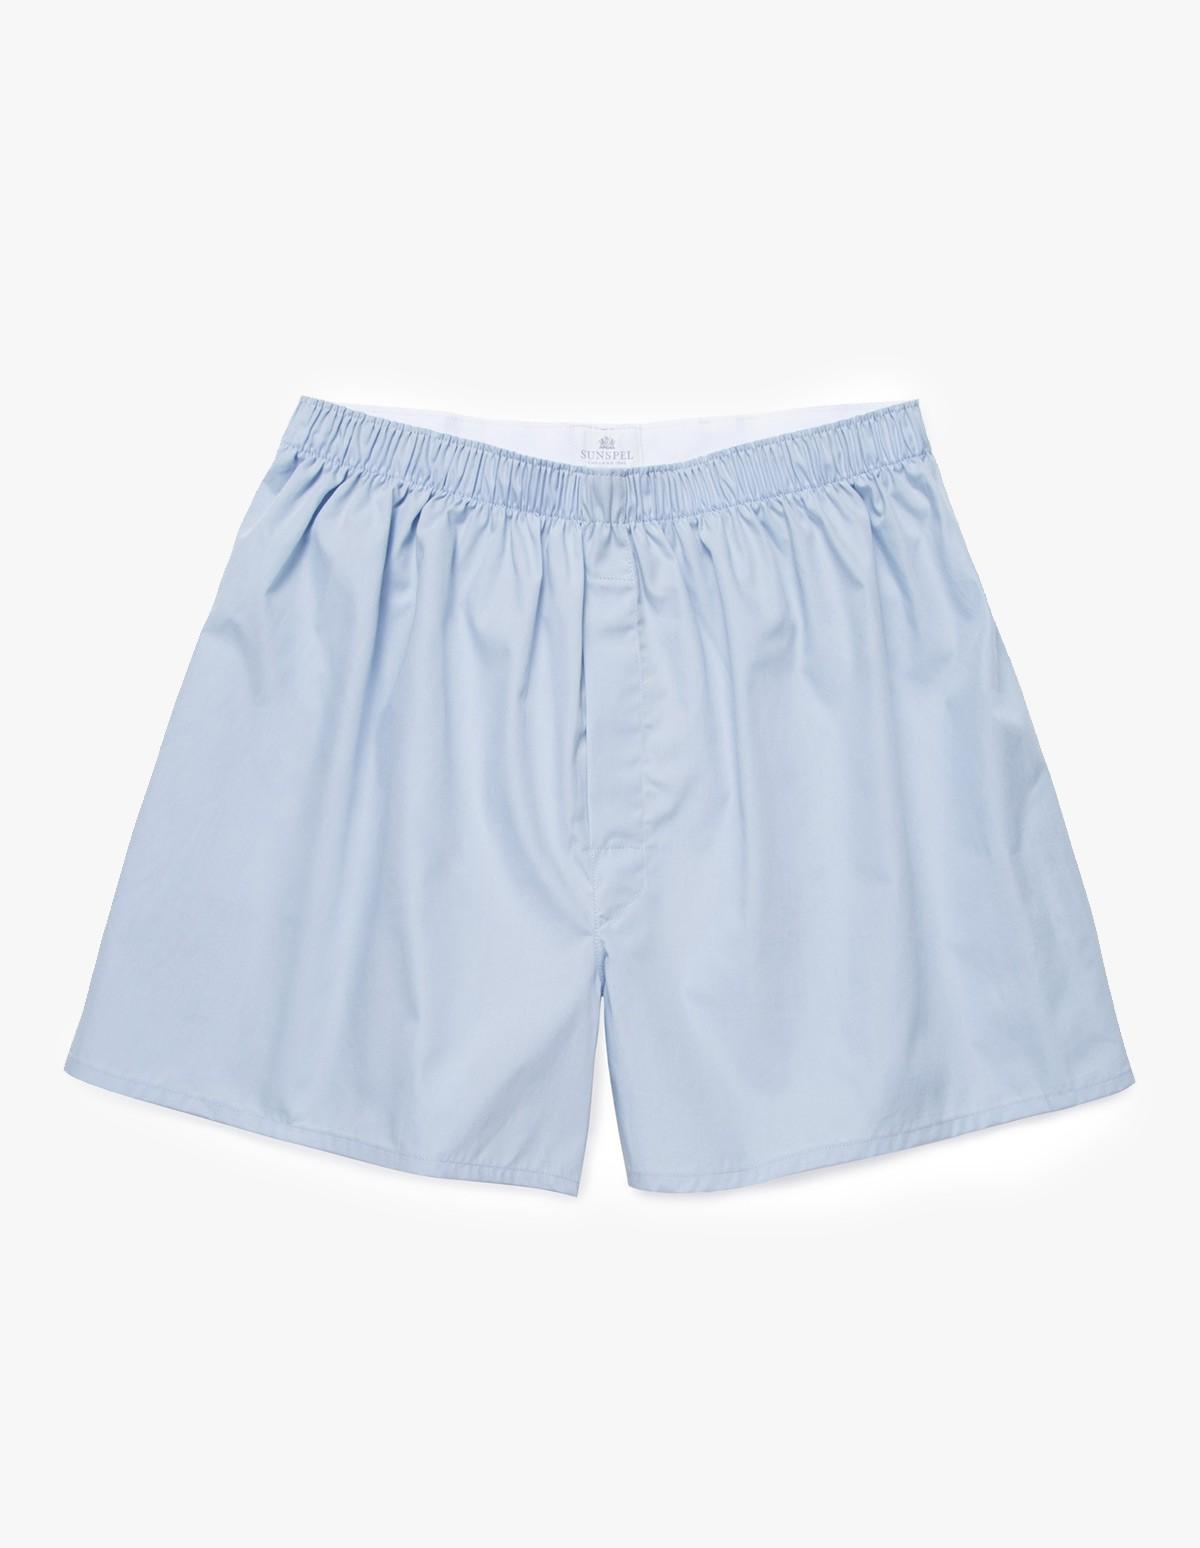 Sunspel Classic Boxer Short  in Light Blue